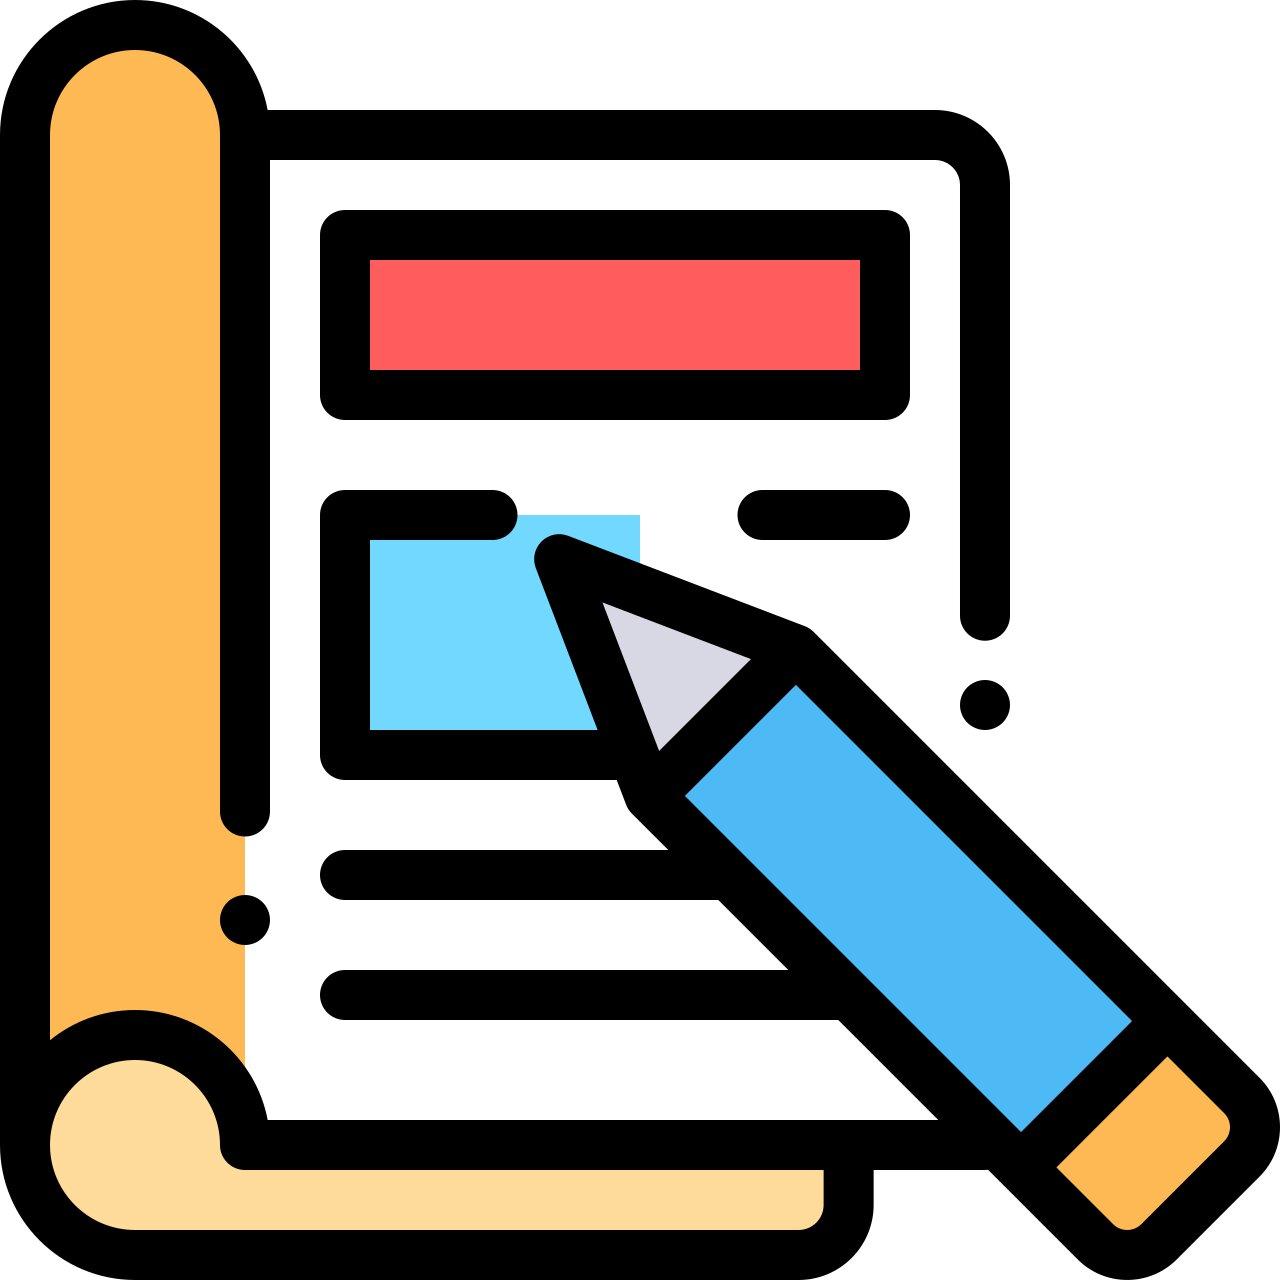 Planificación de objetivos y ideas